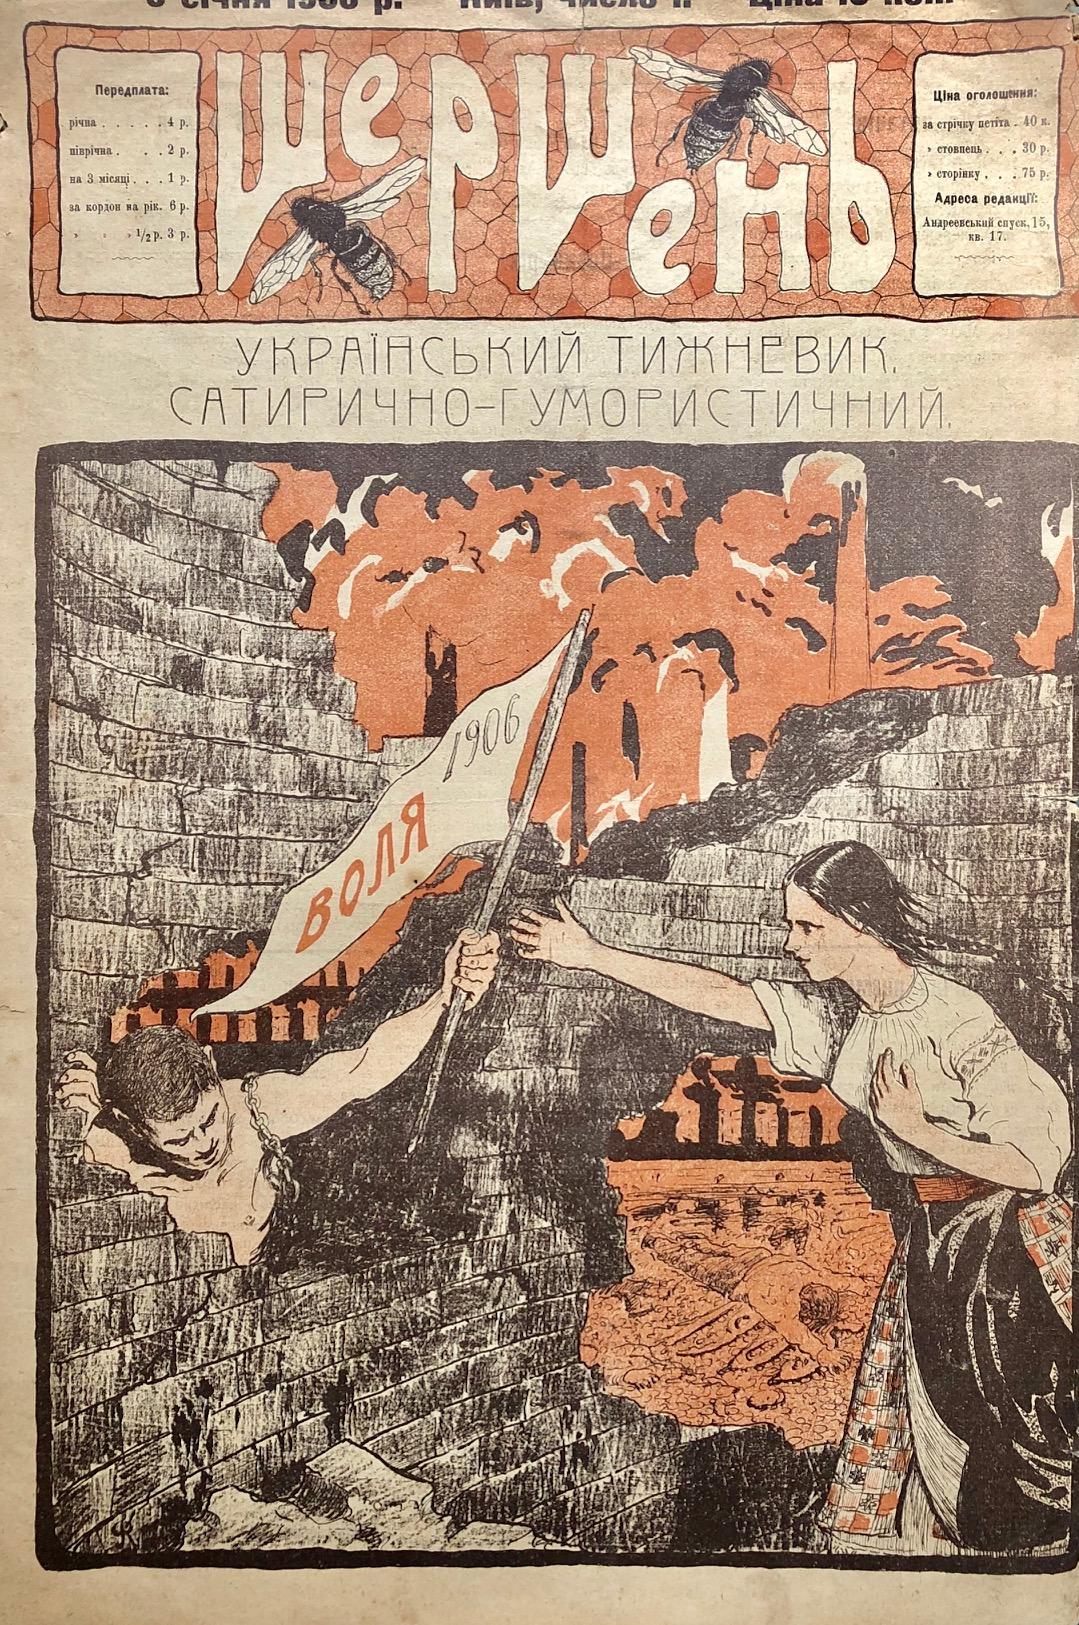 Lot 512 - [UCRAINICA] Le frelon. Kiev, 1906. Шершень. Украинский [...]